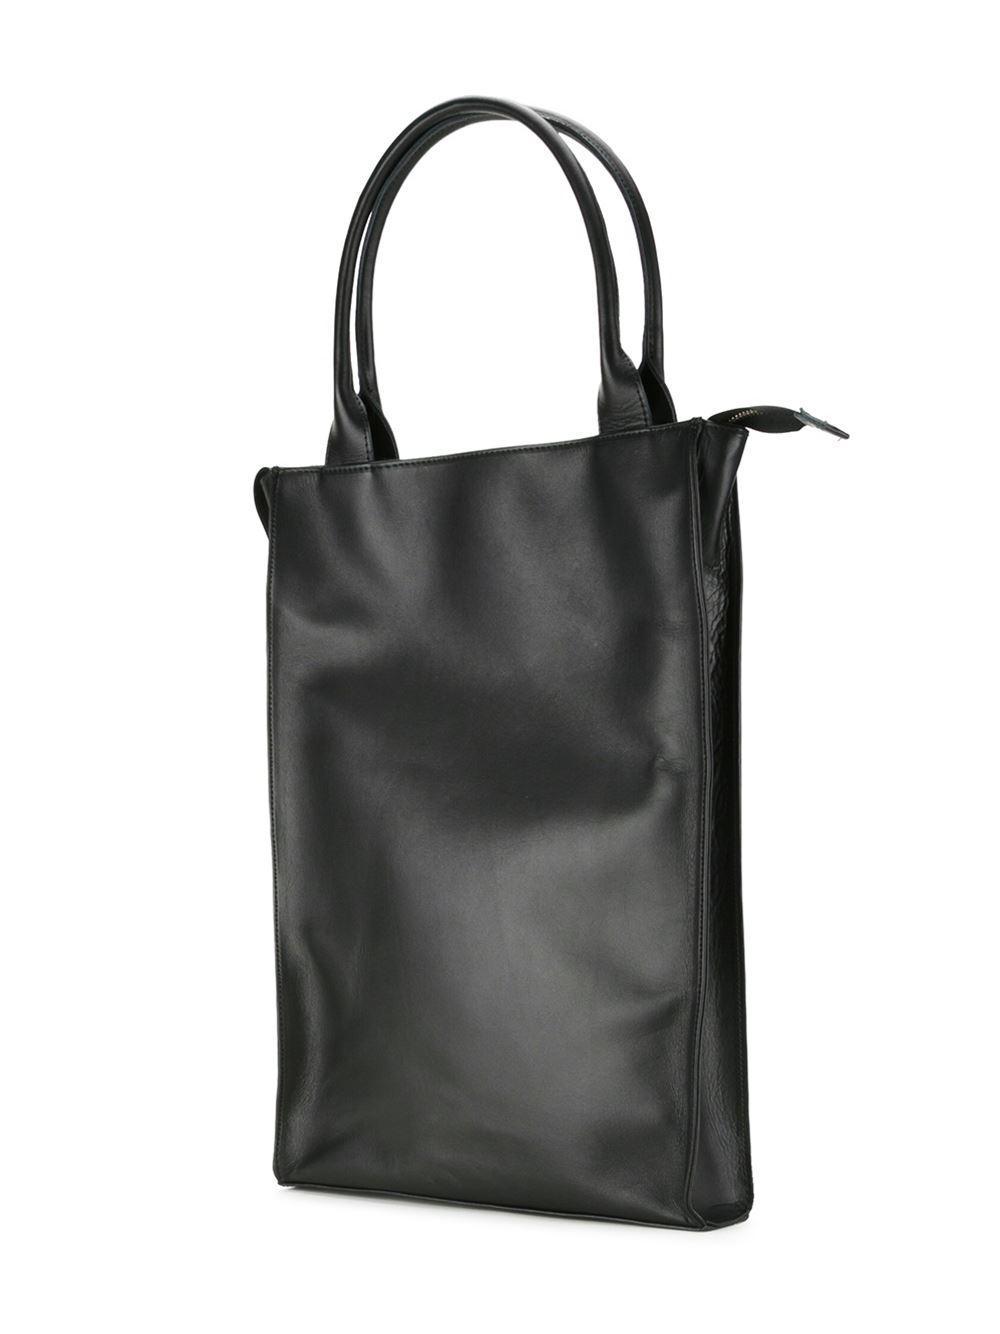 HL Heddie Lovu Leather Zip Up Shopper in Black